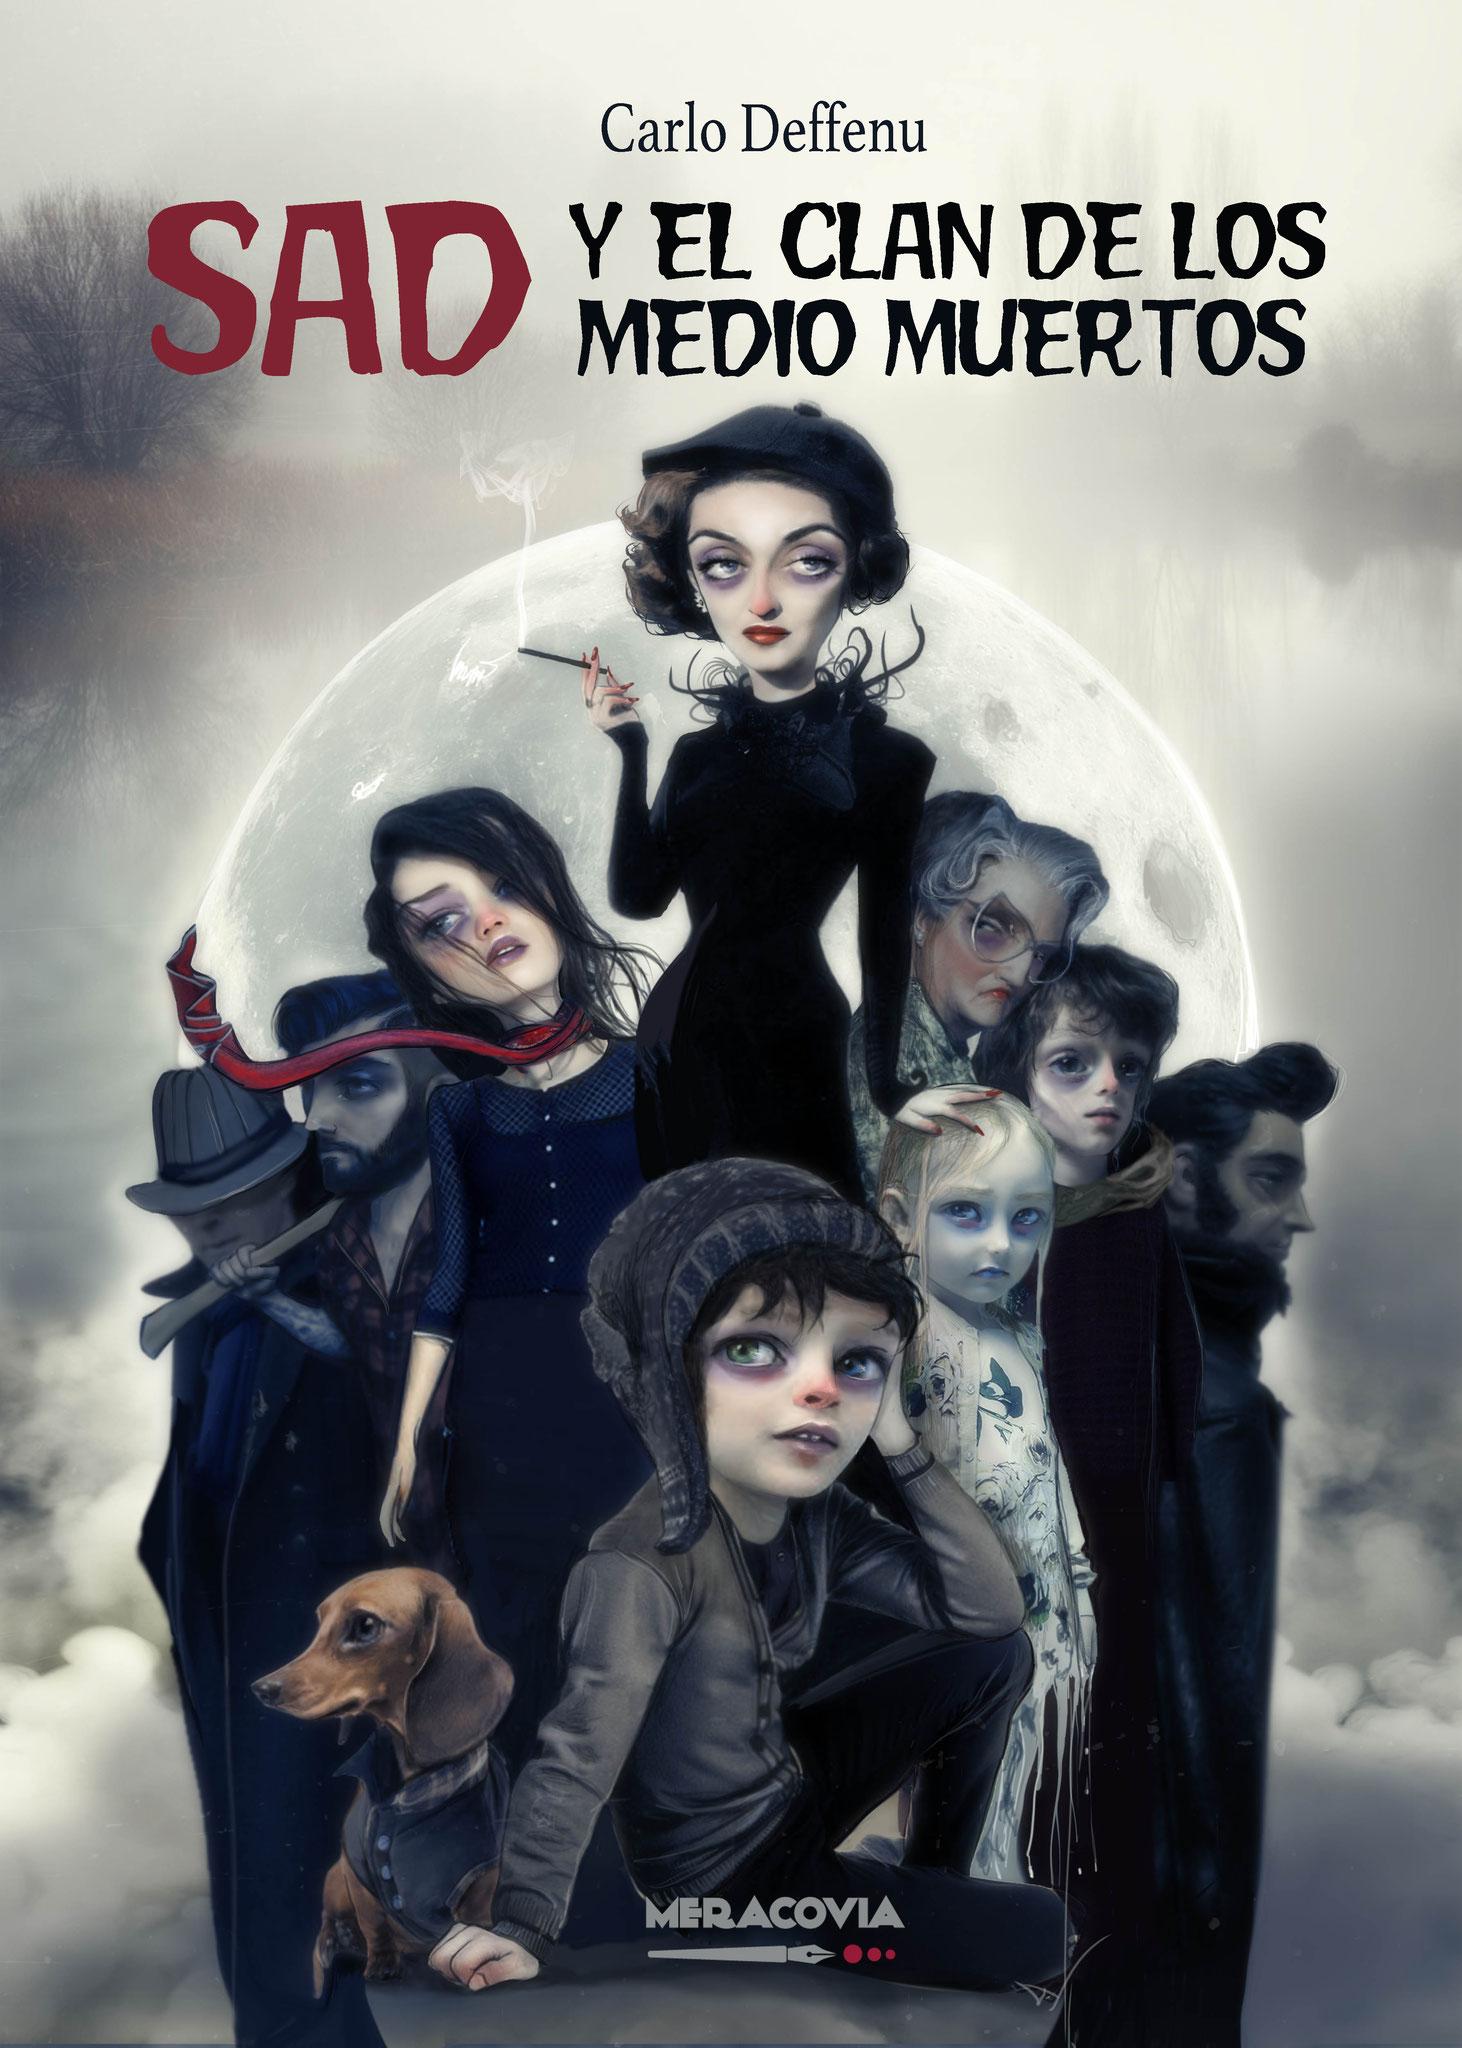 Sad y el clan de los medio muertos